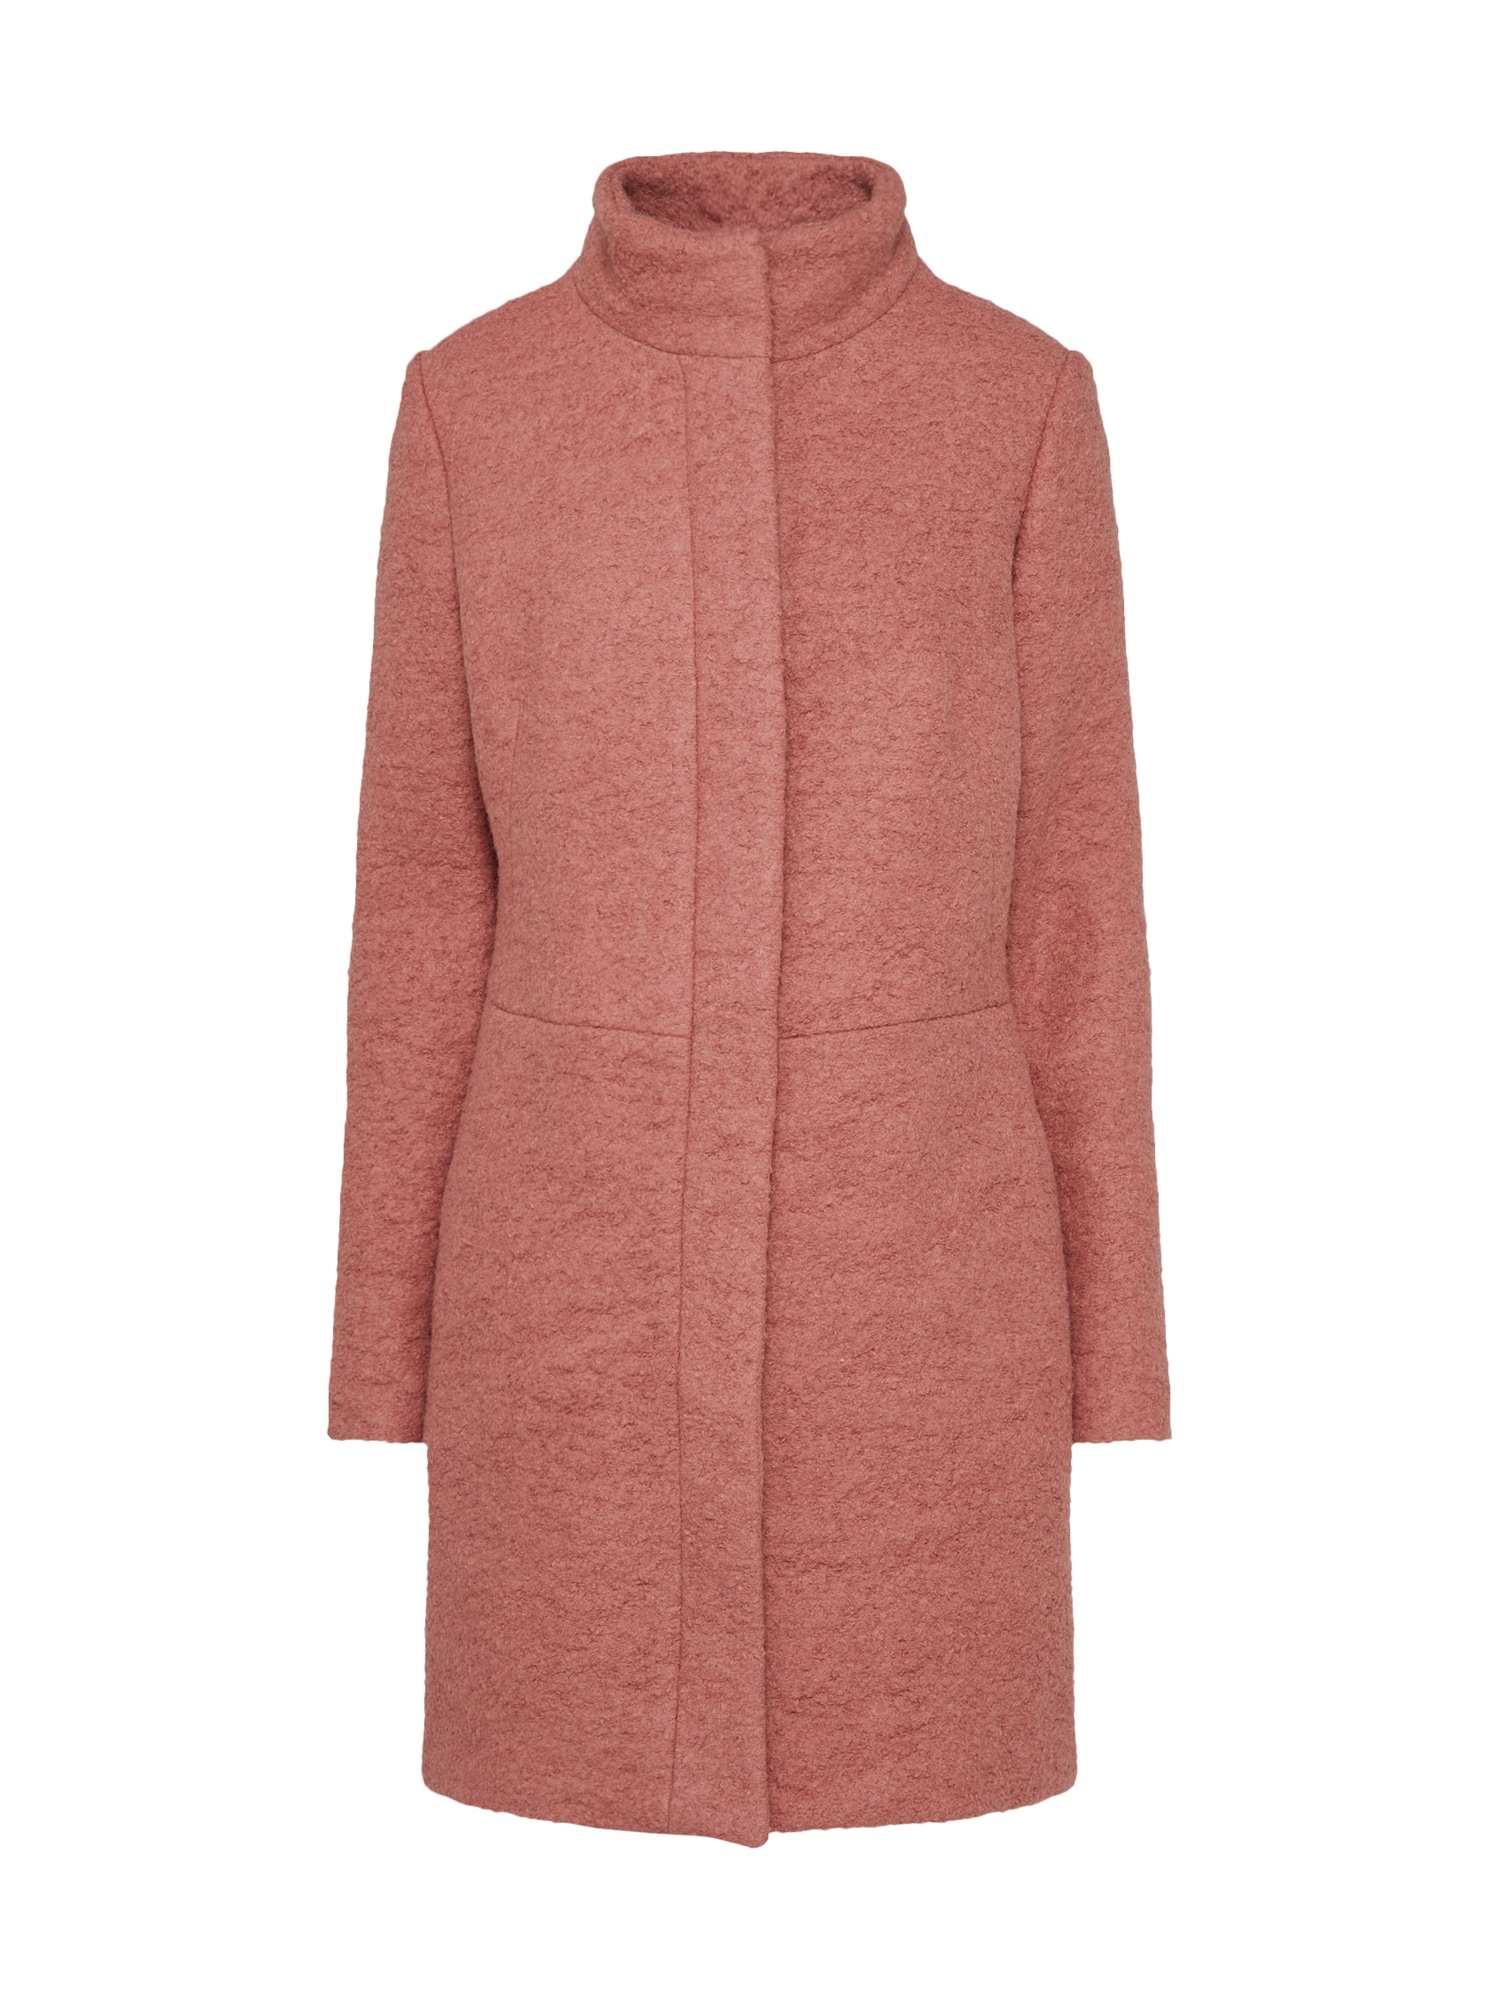 Zimní kabát Vialanis růže VILA